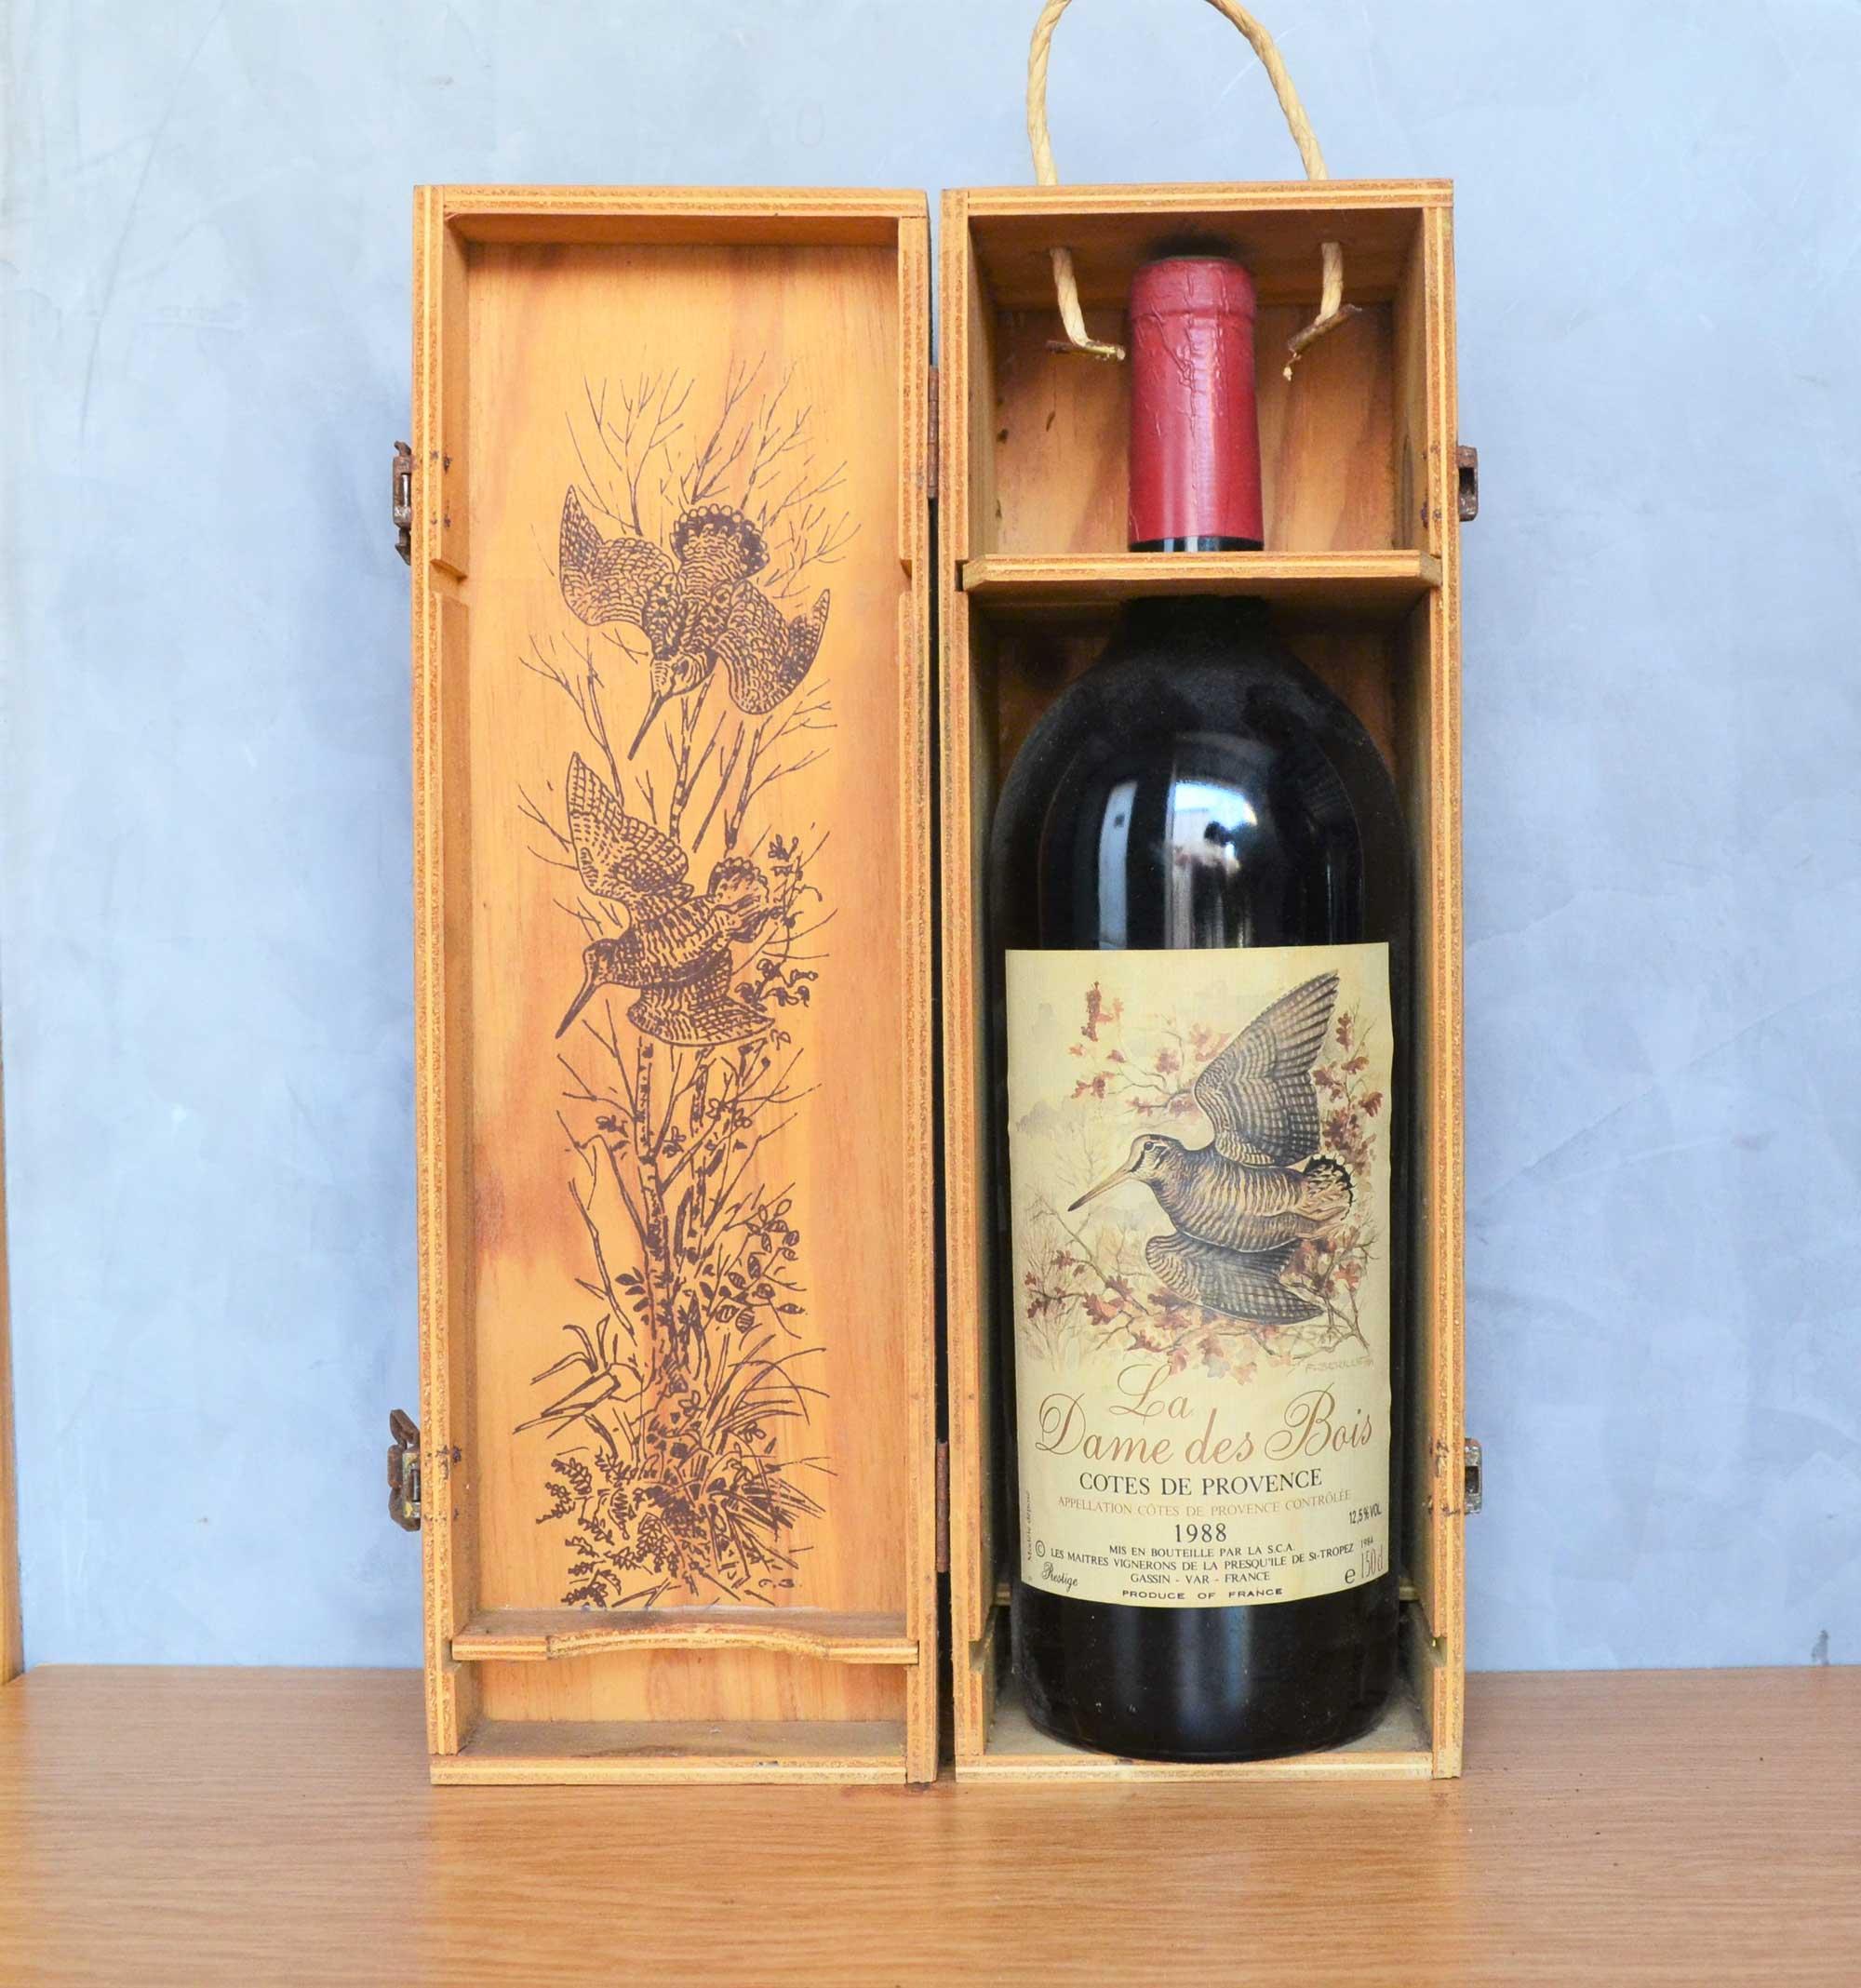 La Dame des Bois Côtes du Provence magnum 1988